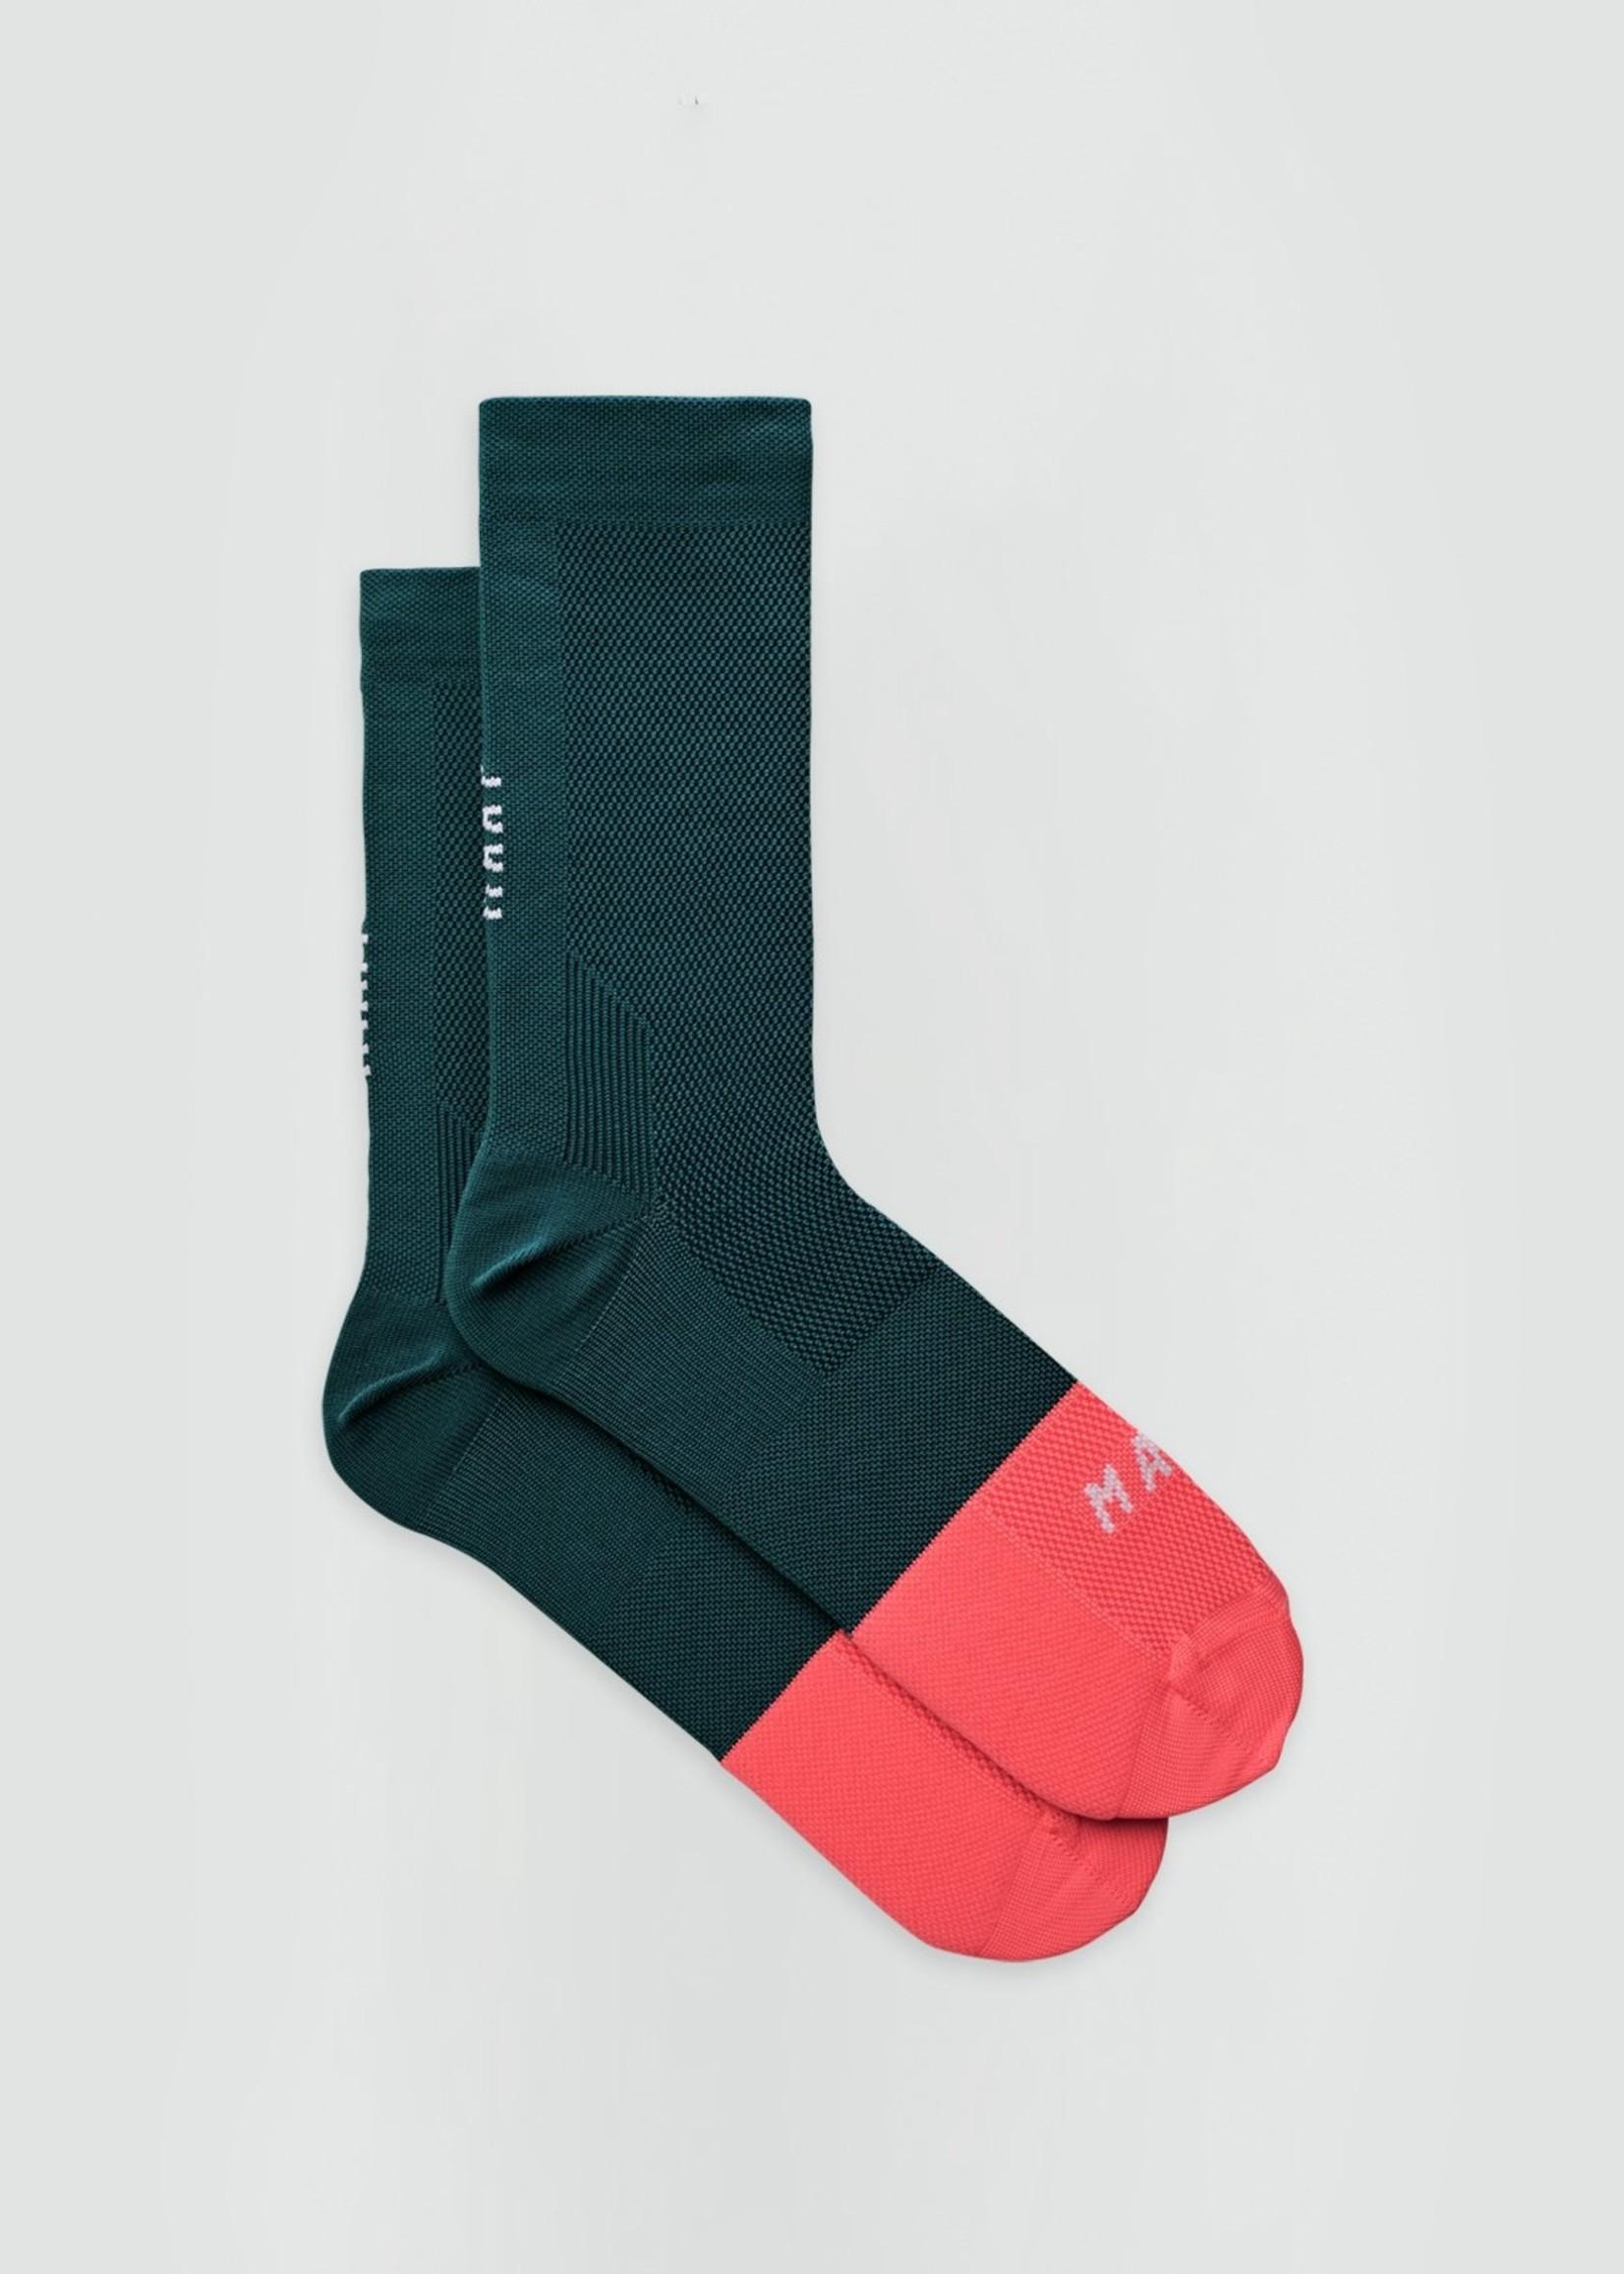 Maap Division Sock - Dark Teal